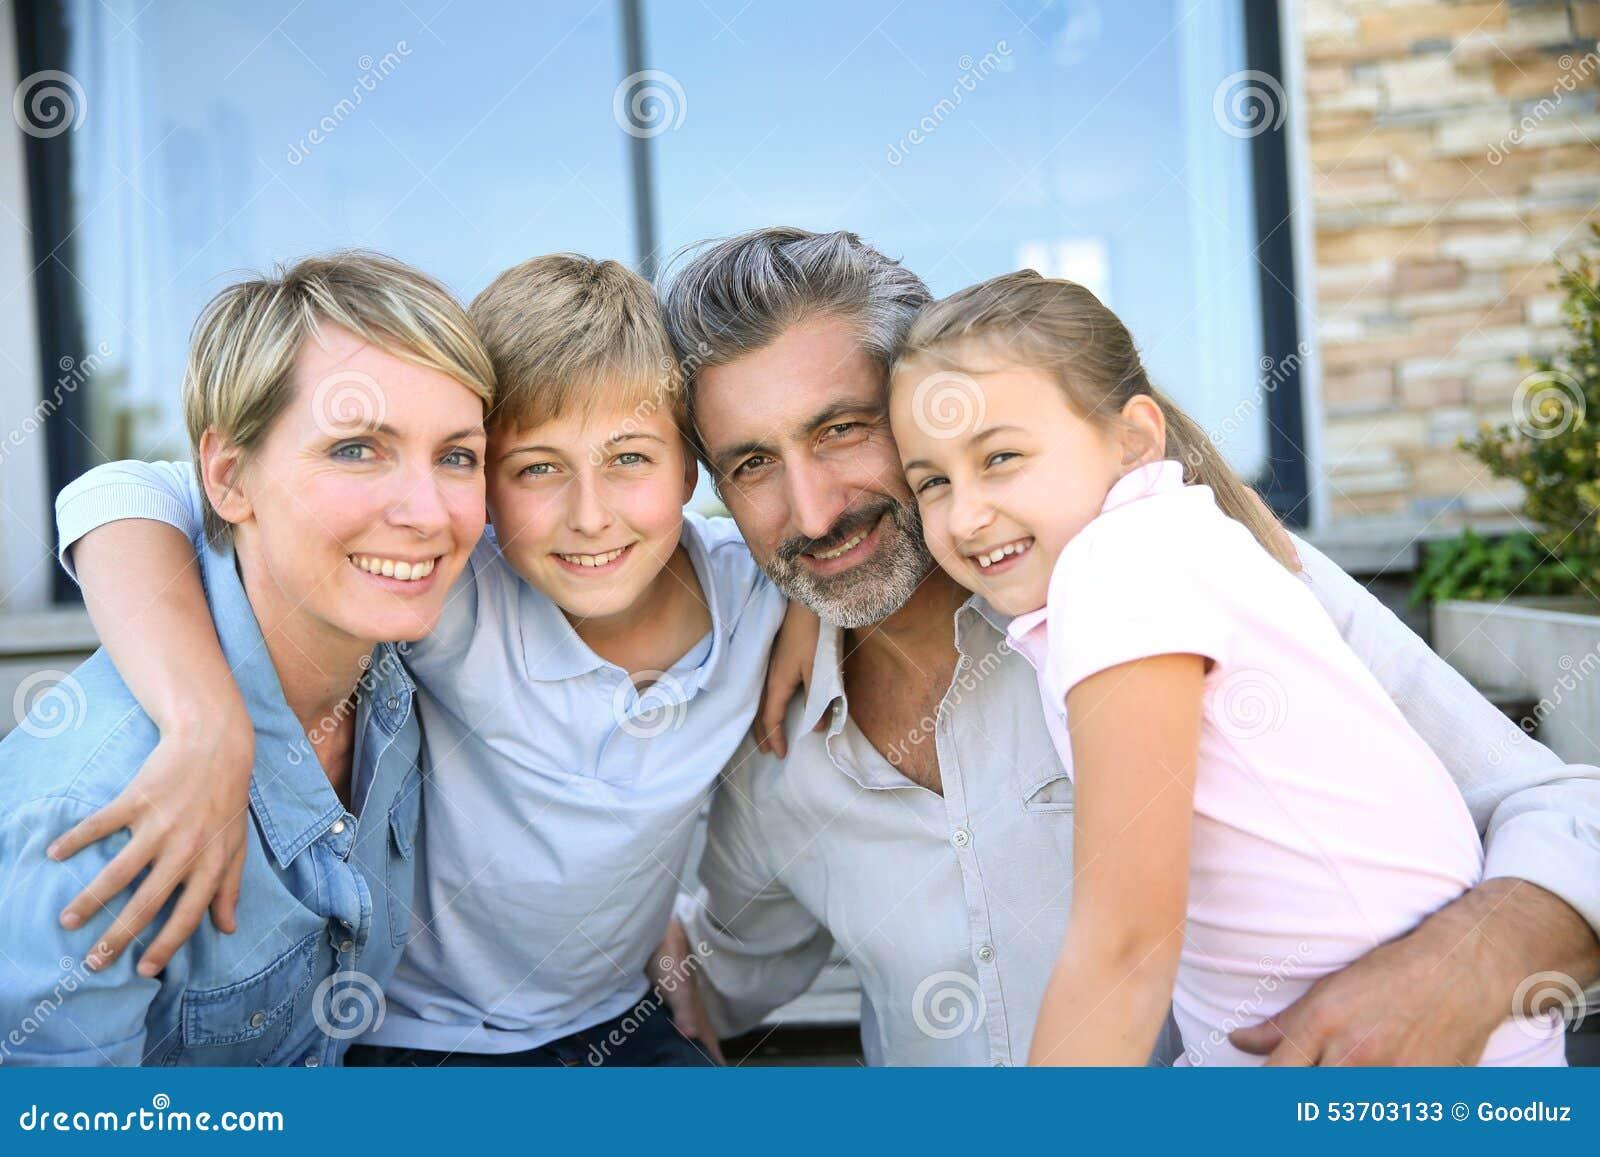 famille de sourire heureuse devant leur nouvelle maison image stock image du jour patrimoine. Black Bedroom Furniture Sets. Home Design Ideas